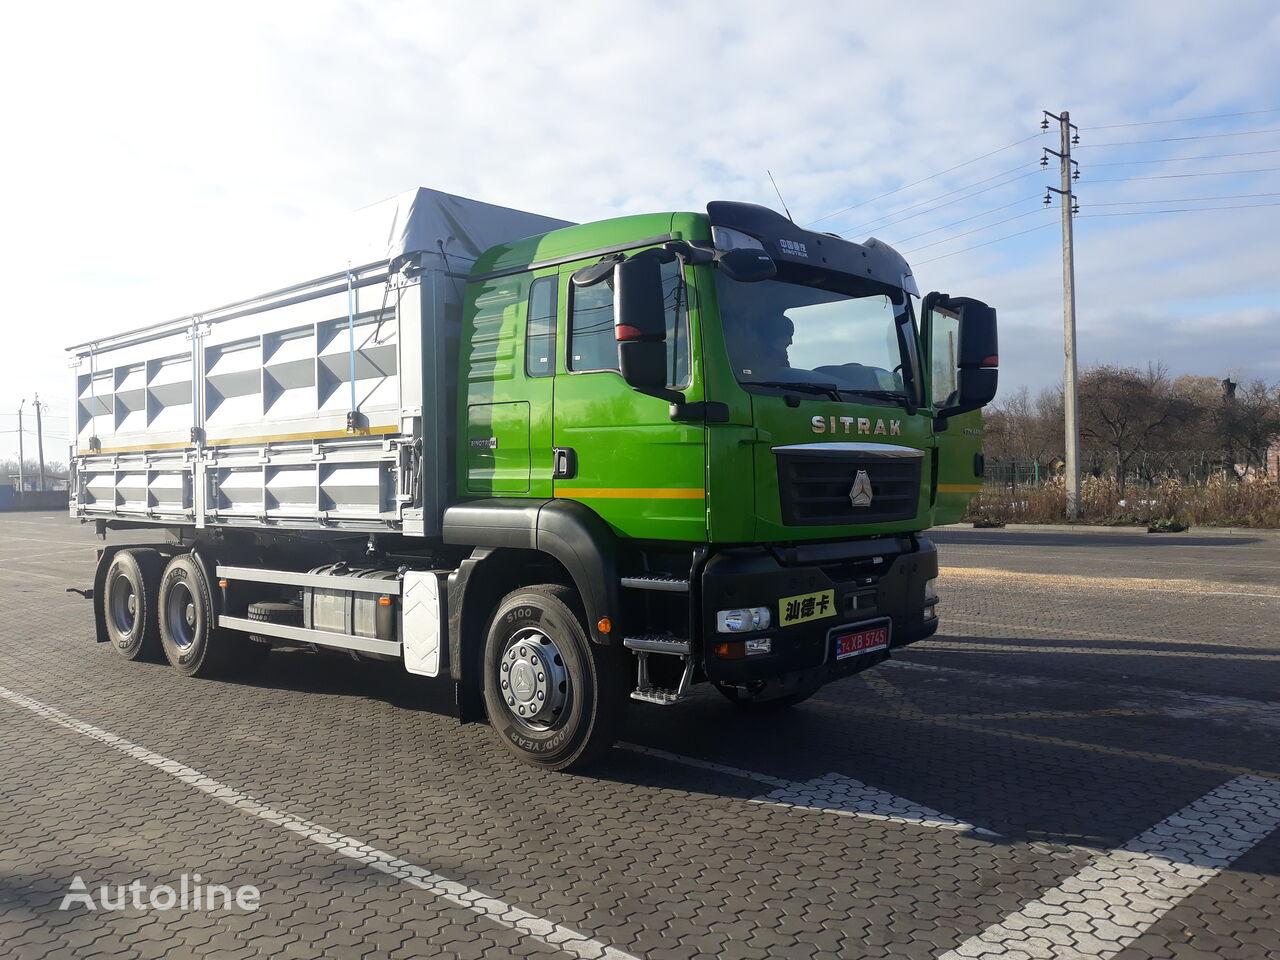 jauns SINOTRUK SITRAK C7H kravas automašīna graudu pārvadāšanai